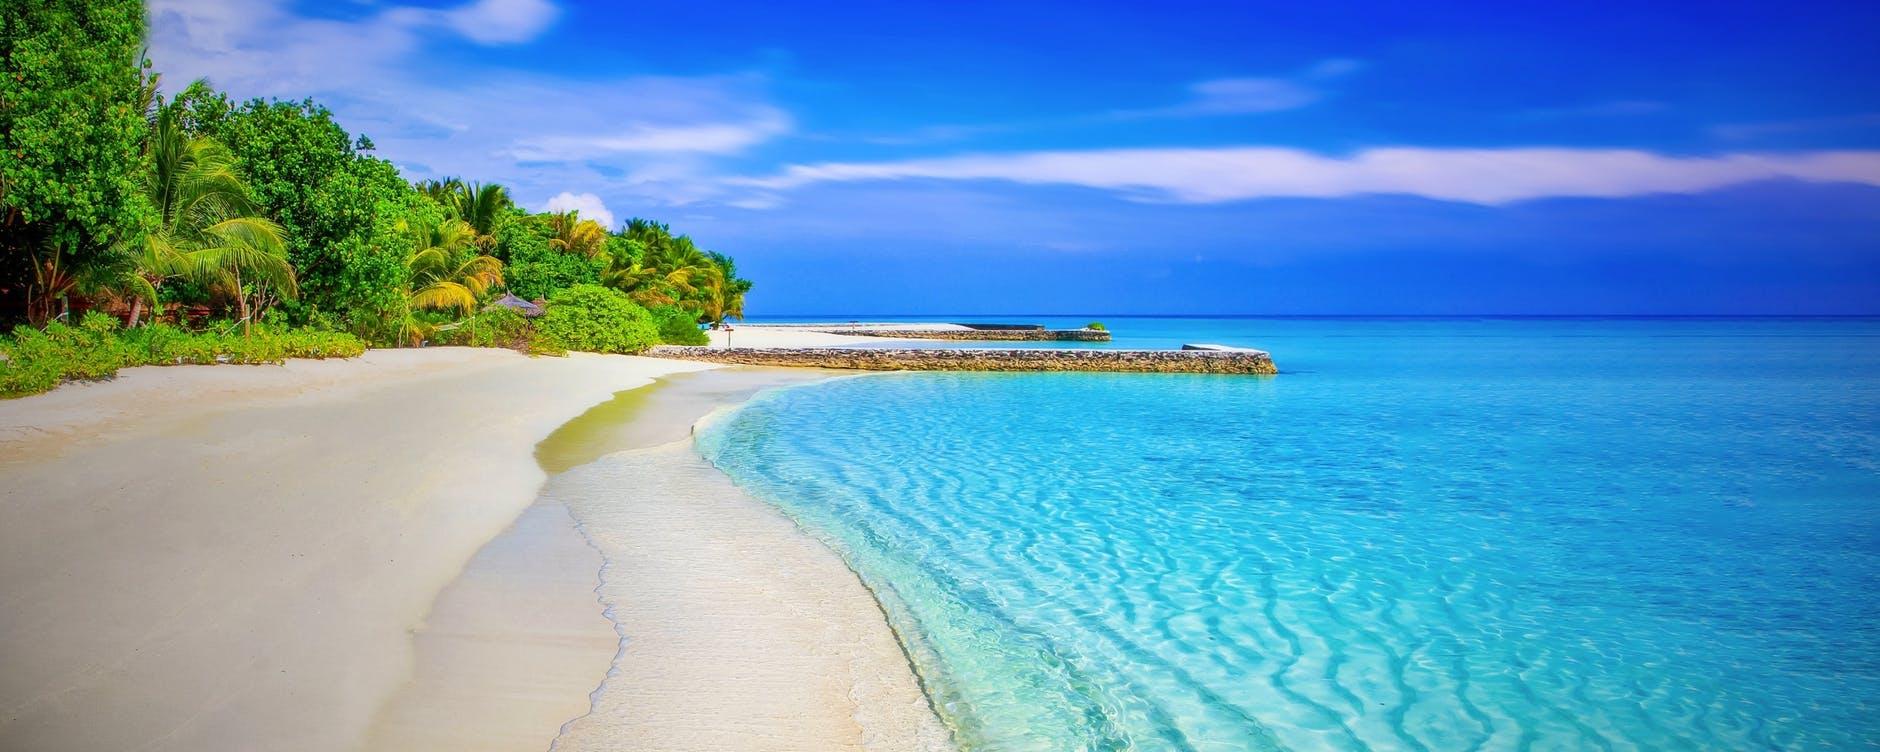 Start Saving Money Today - scenic view of beach